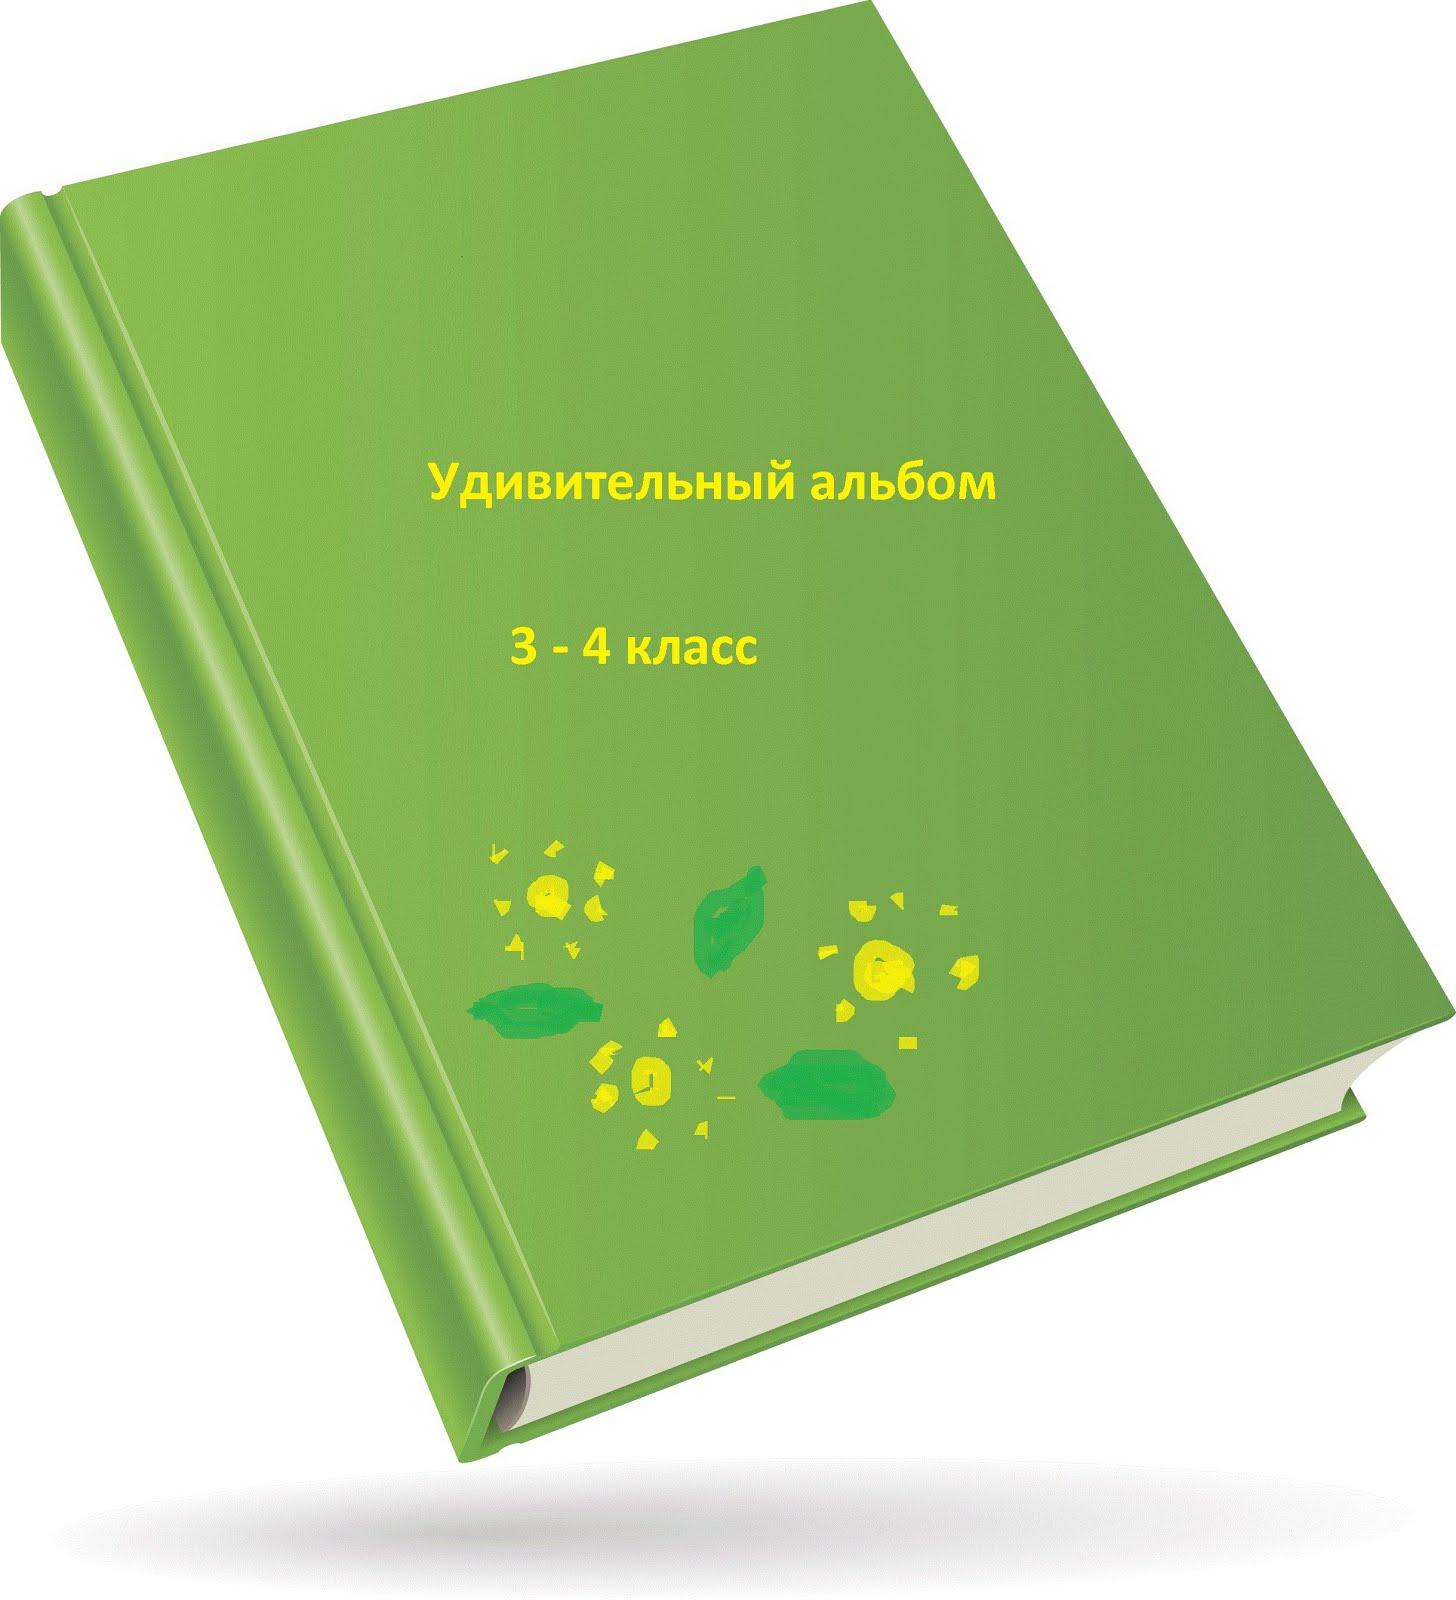 альбом 3-4 класс Лучики Приморья.jpg